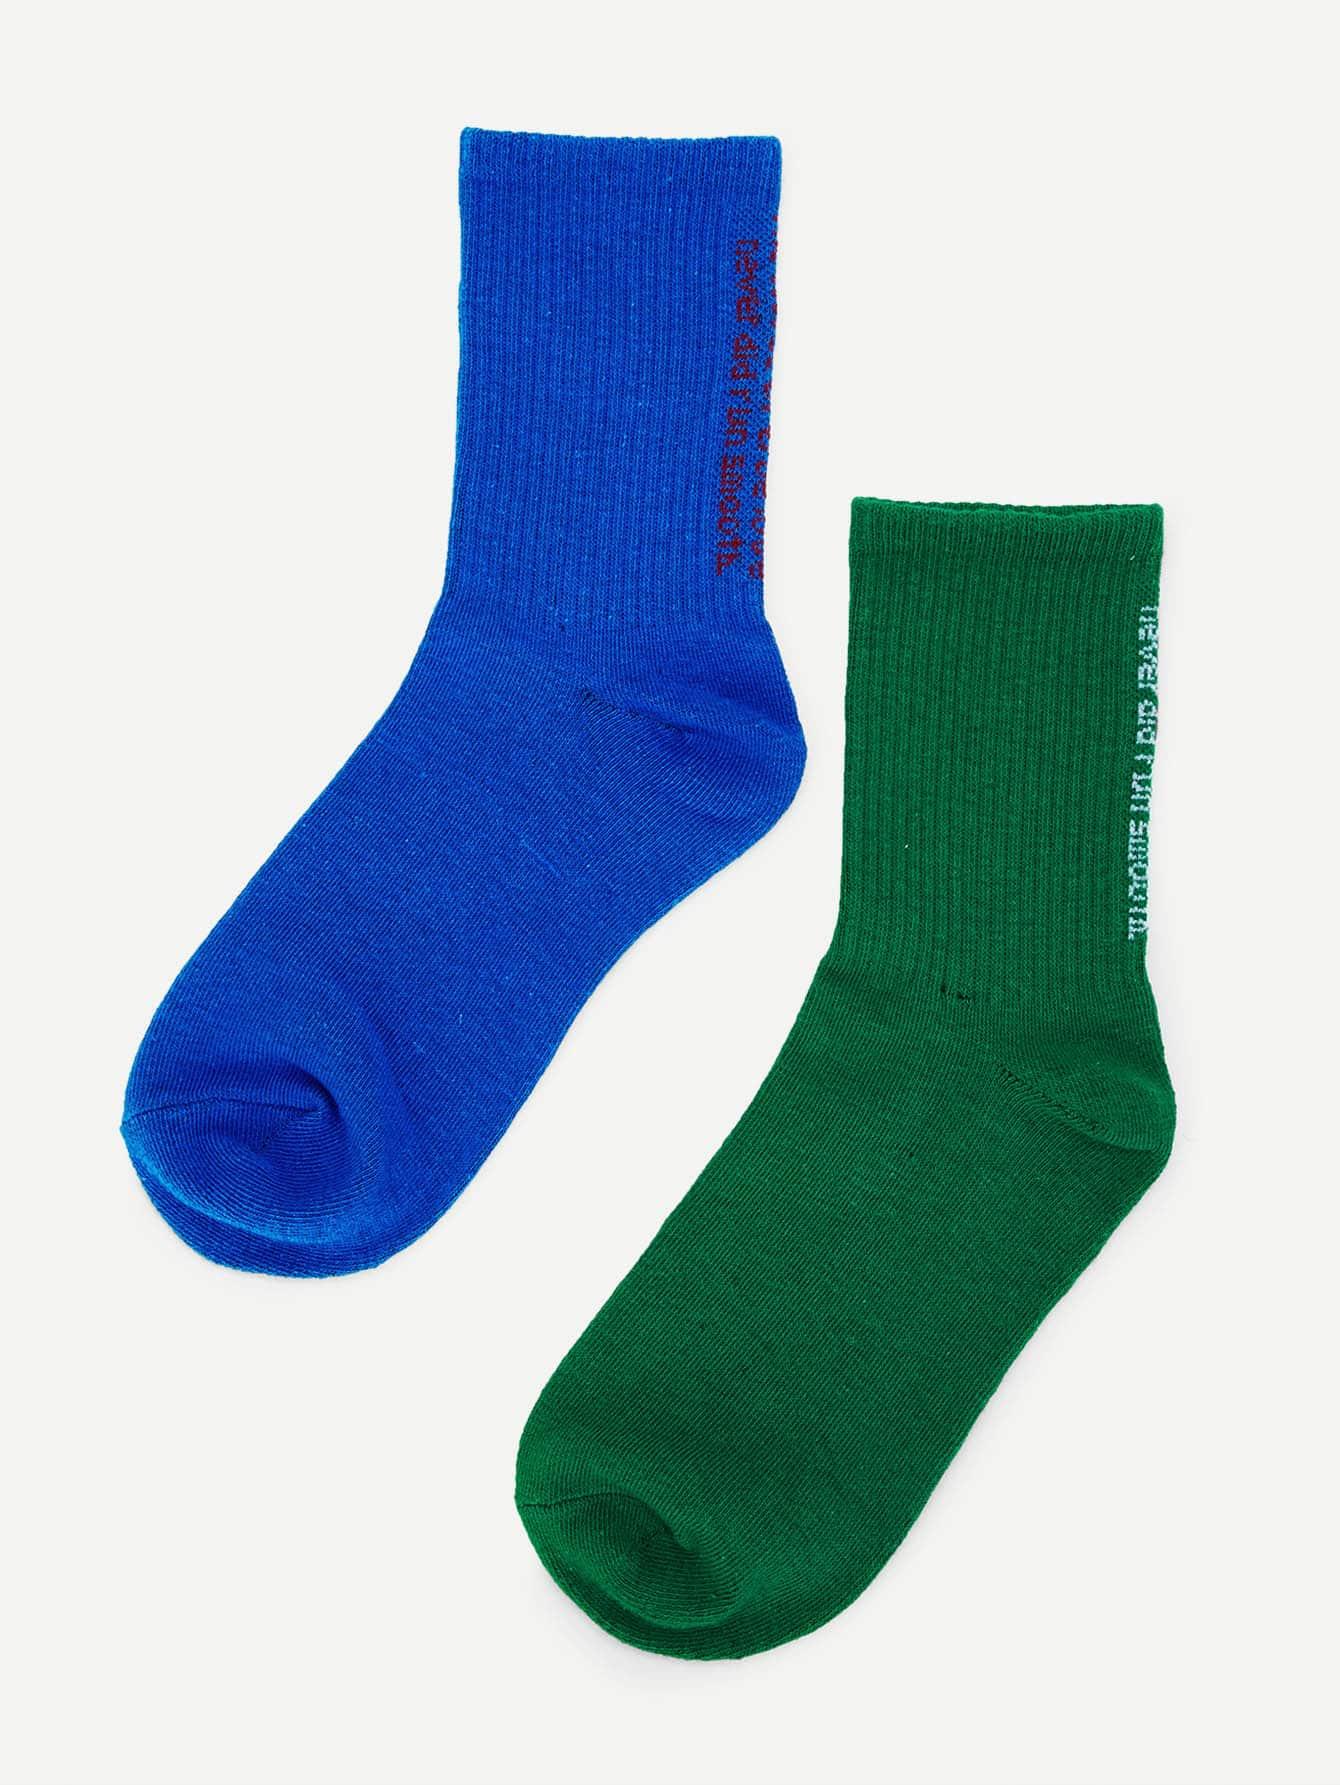 Socken mit Buchstabenmuster 2 Paare